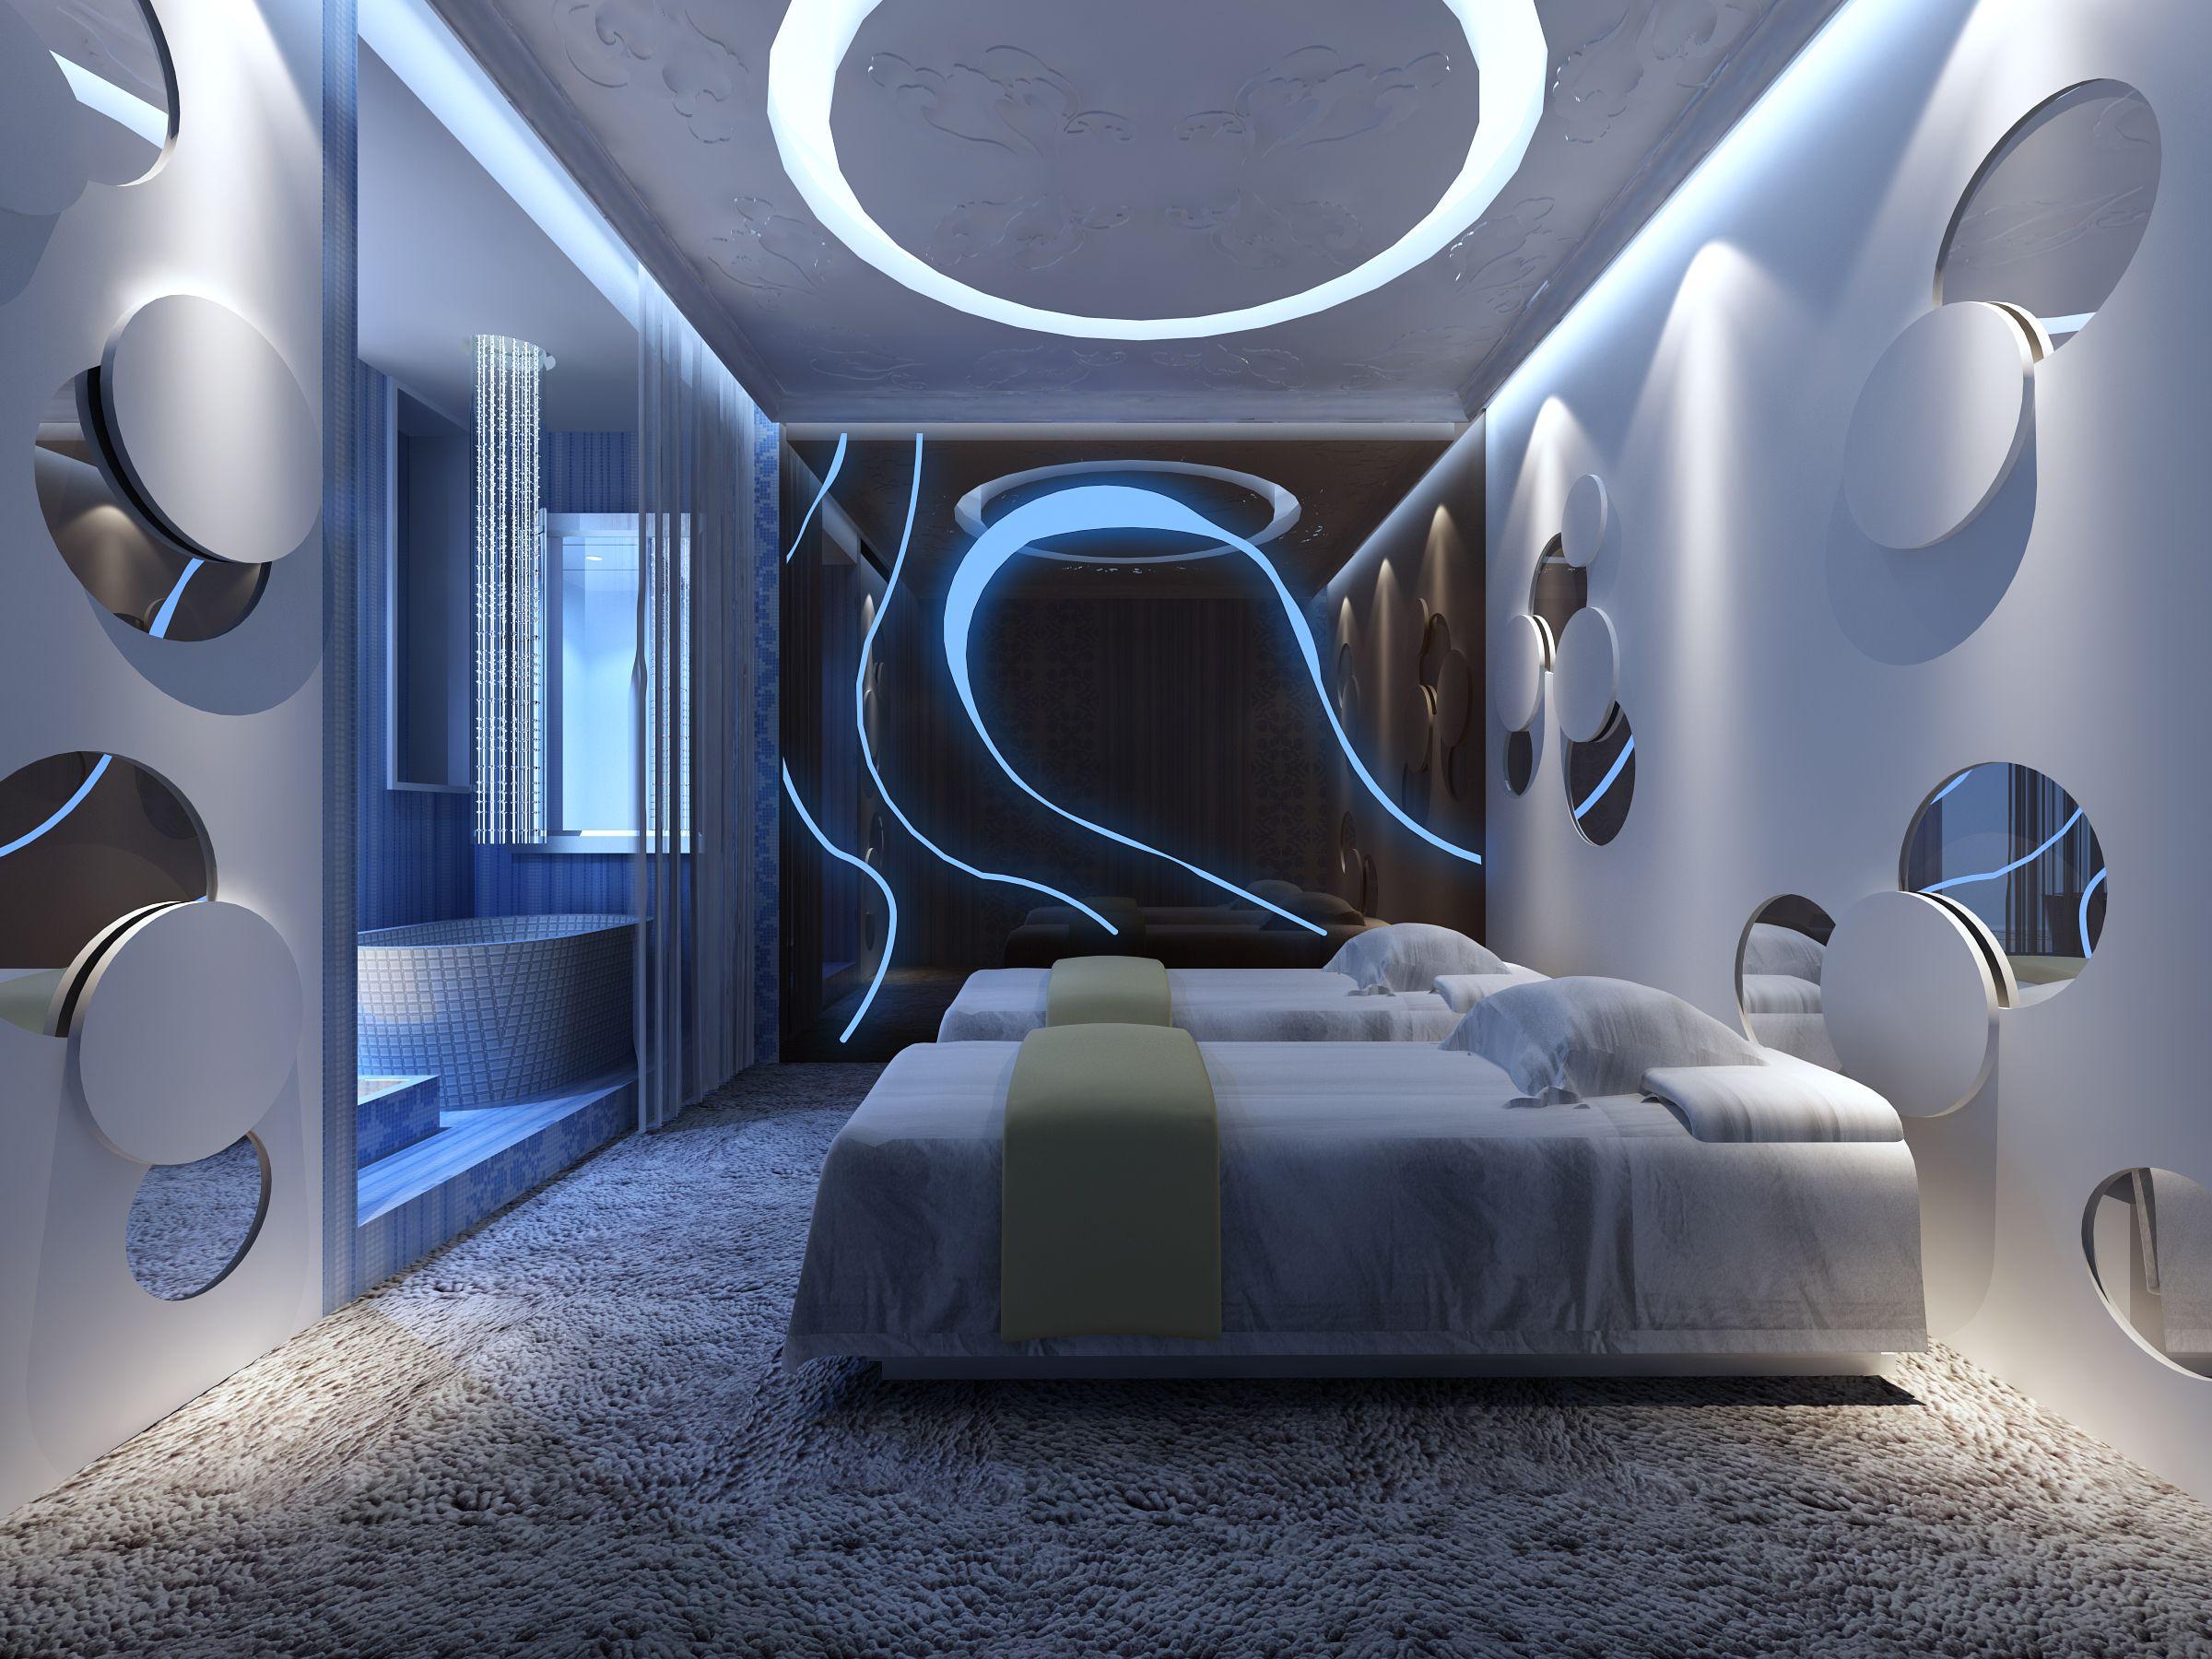 Spa Room 031 3D Model – Buy Spa Room 031 3D Model Pinterest